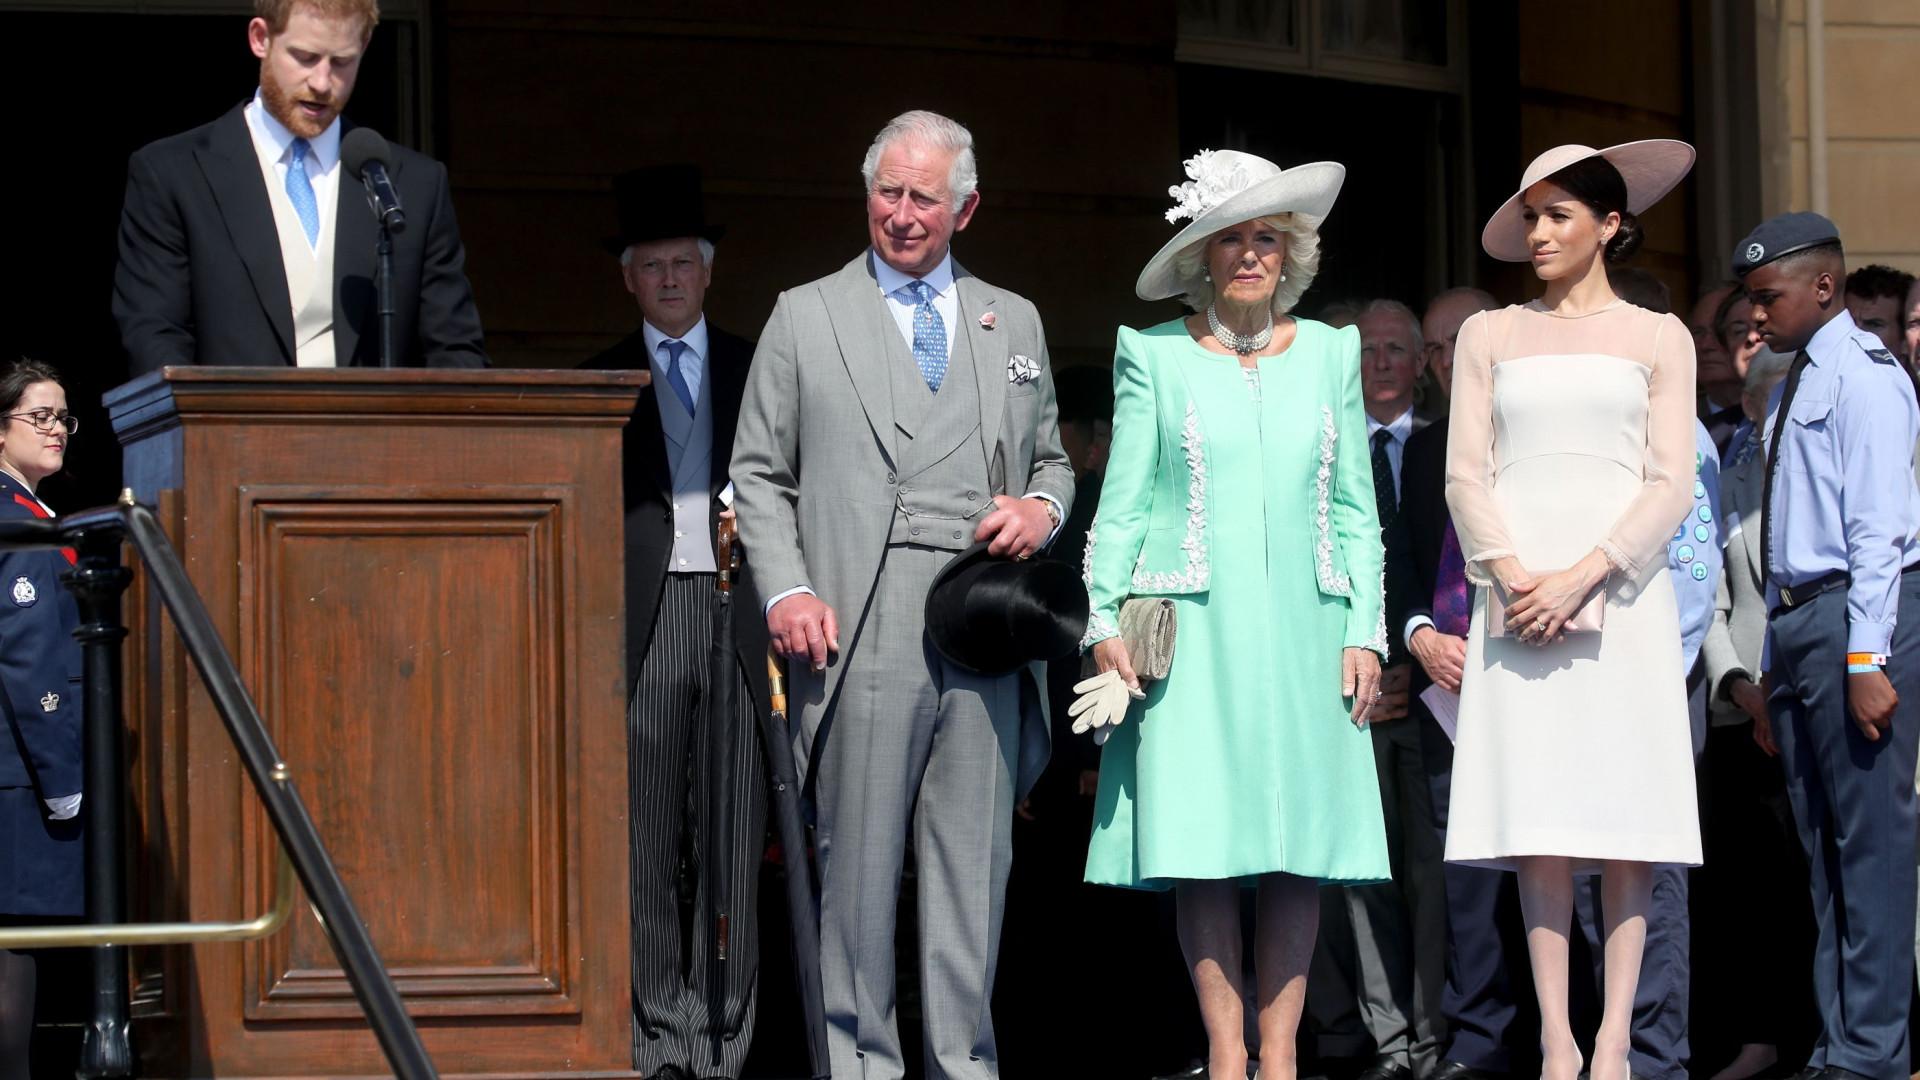 O que é que o príncipe Carlos pensa de Meghan Markle?